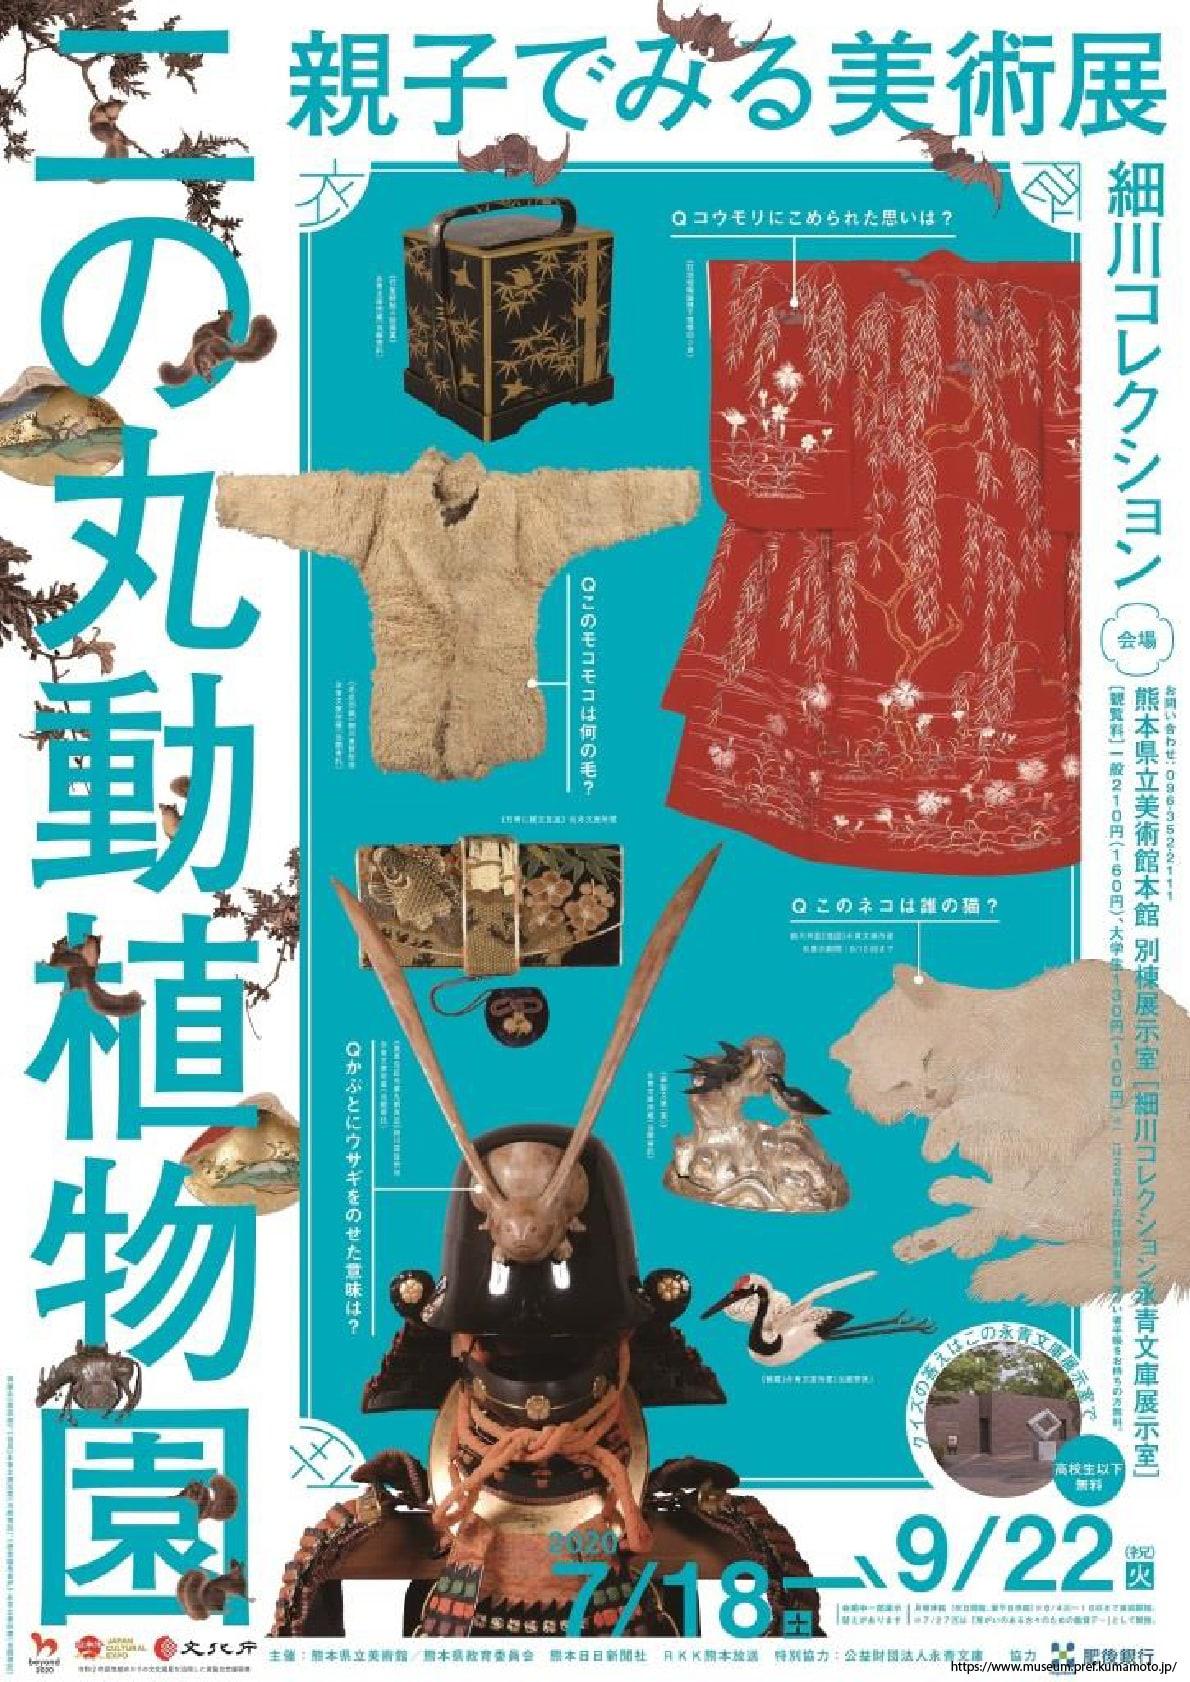 細川コレクション 親子でみる美術展 二の丸動植物園チラシ1